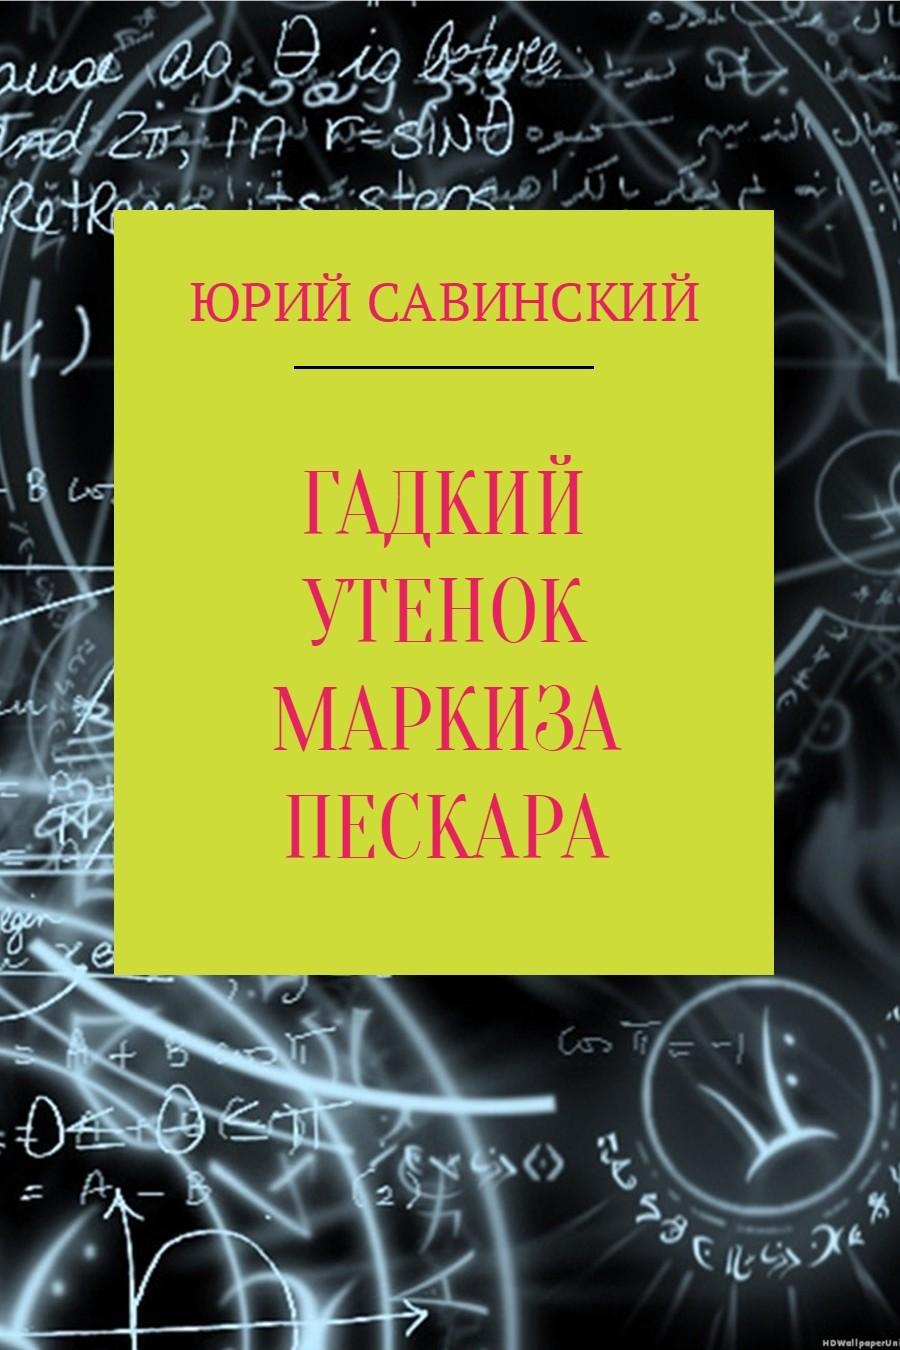 Гадкий утенок маркиза Пескара ( Юрий Эзекейлевич Савинский  )